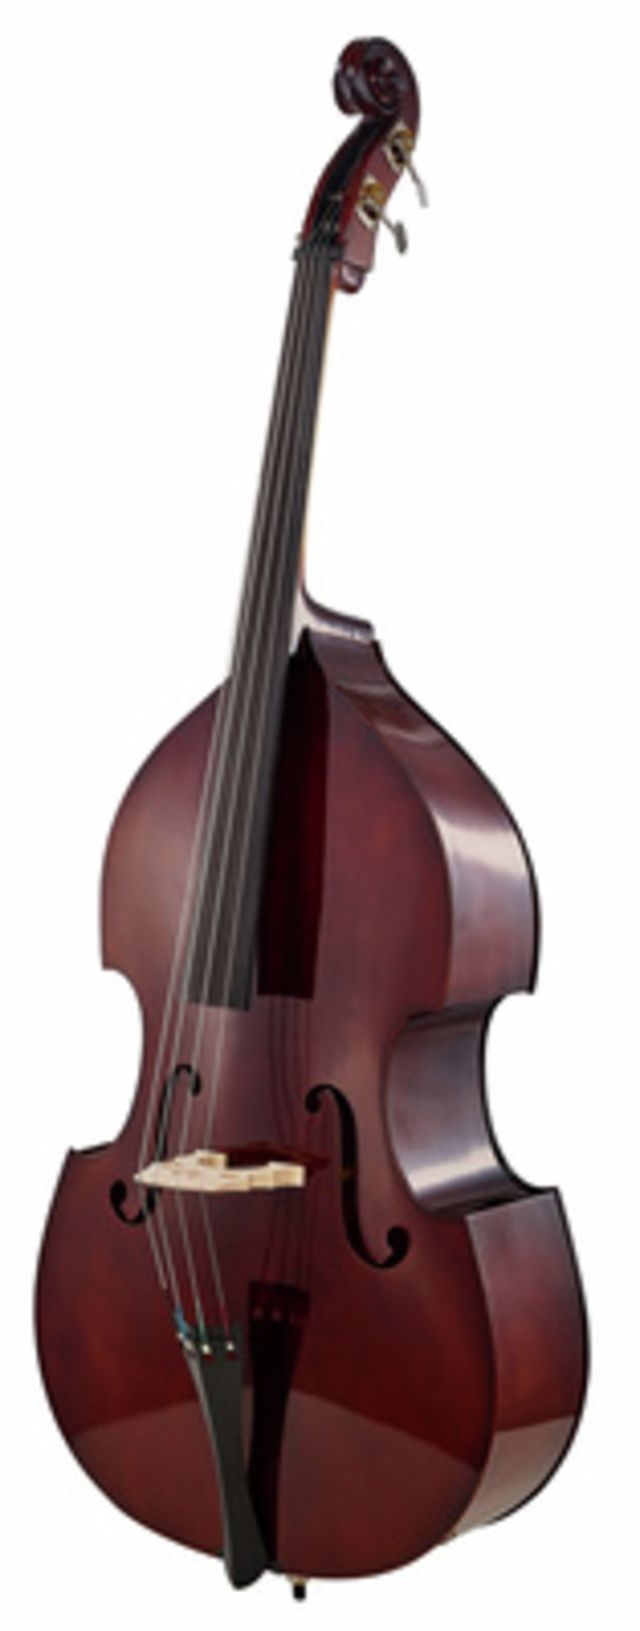 Thomann 111BR 3/4 Double Bass